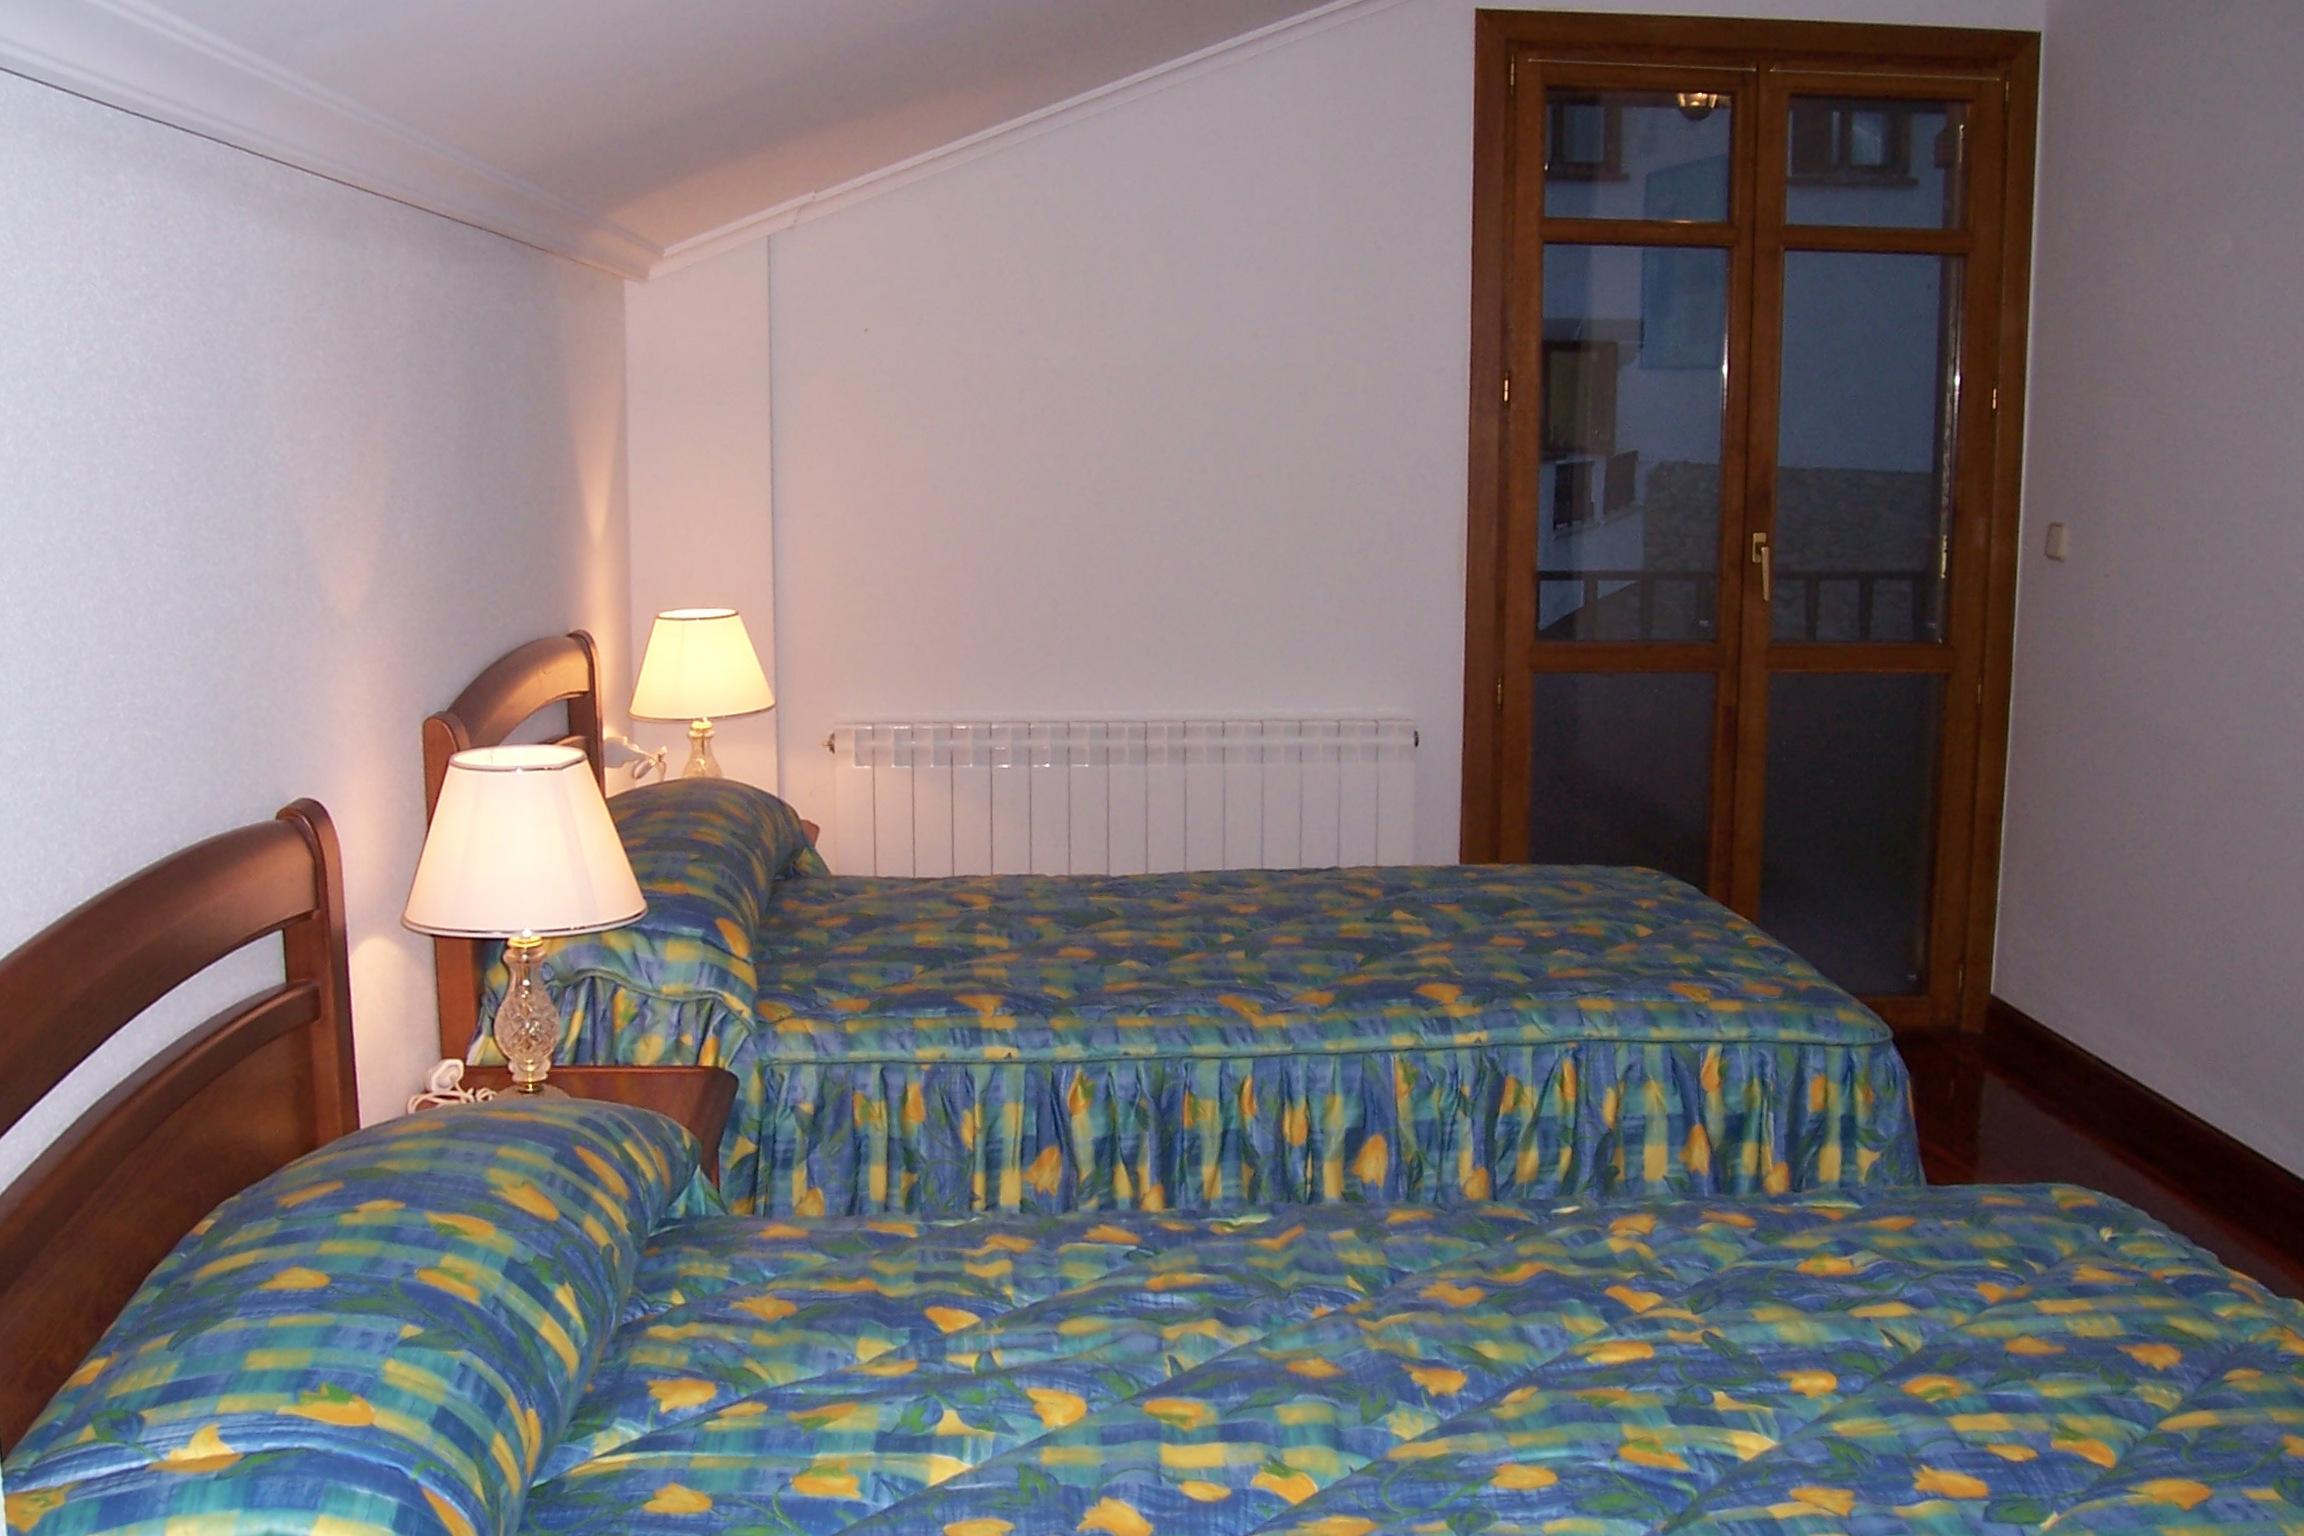 Dormitorio dos camas dormitorio dos camas habitacin - Dos camas en una ...